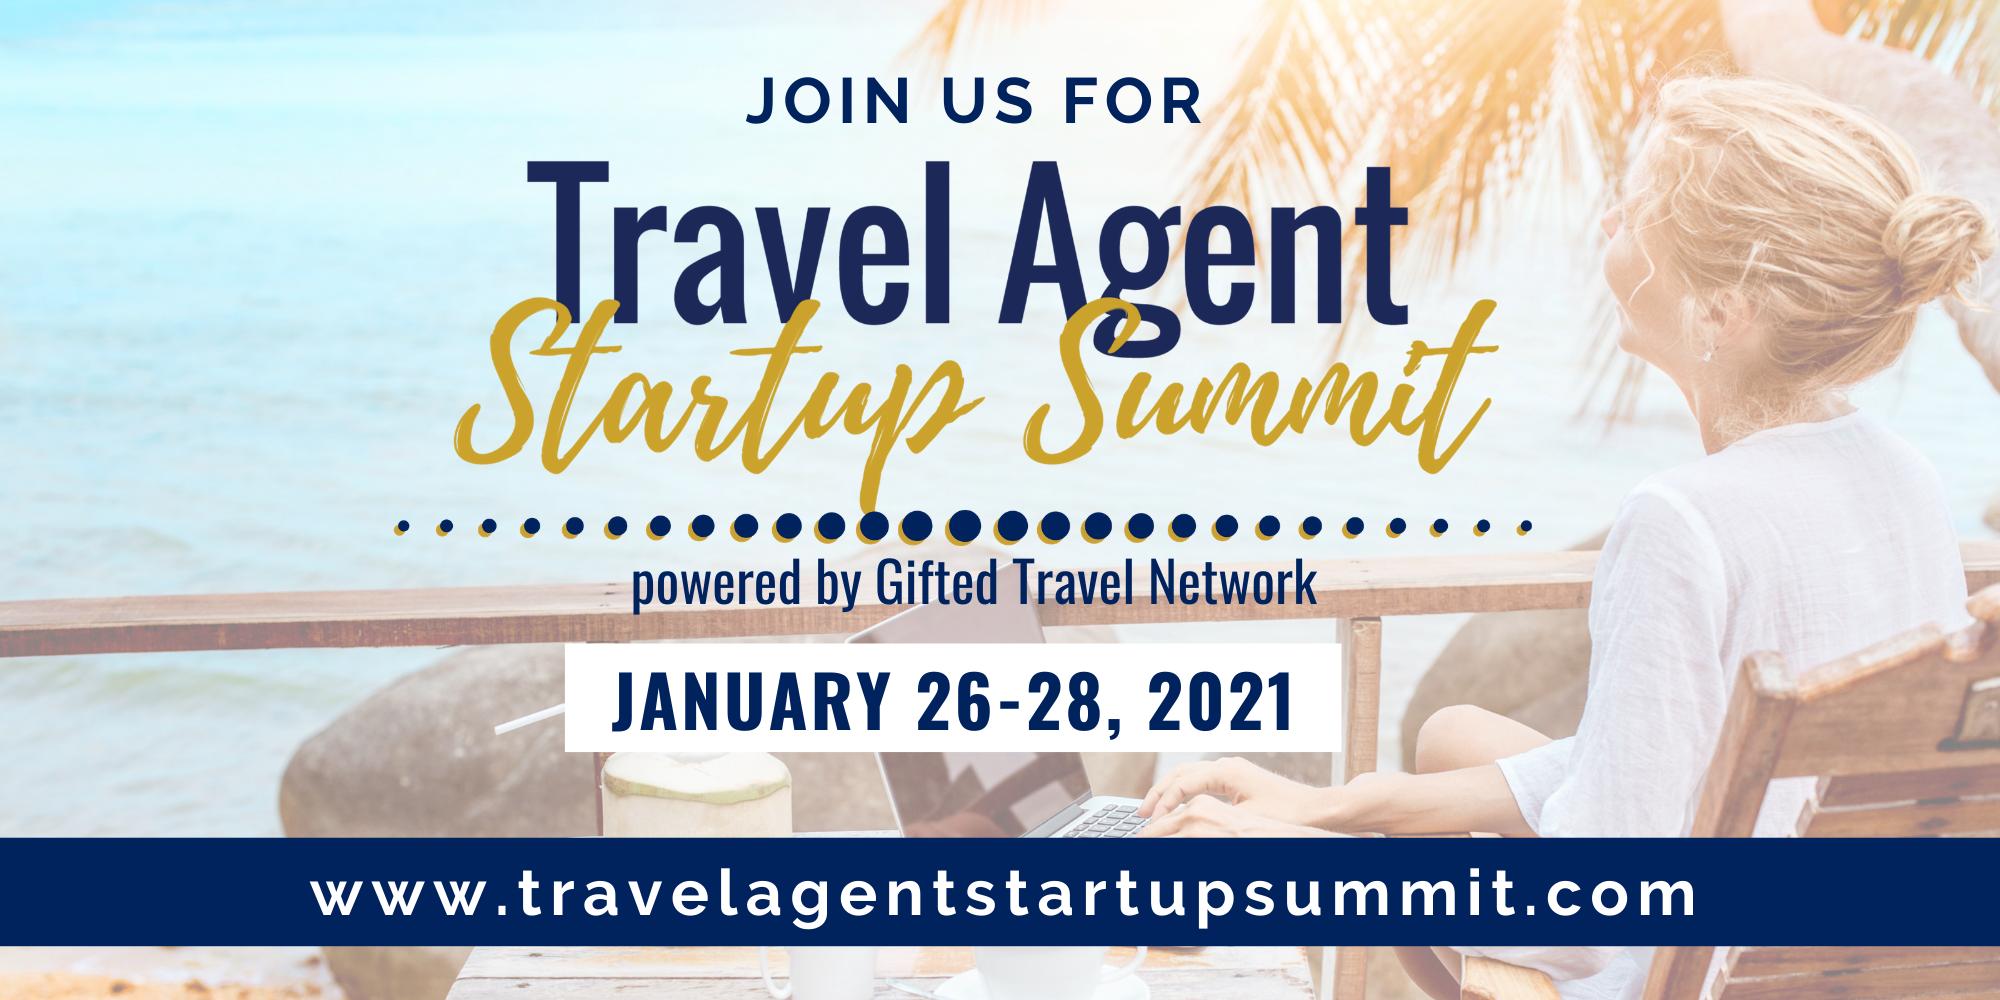 Travel Agent Startup Summit